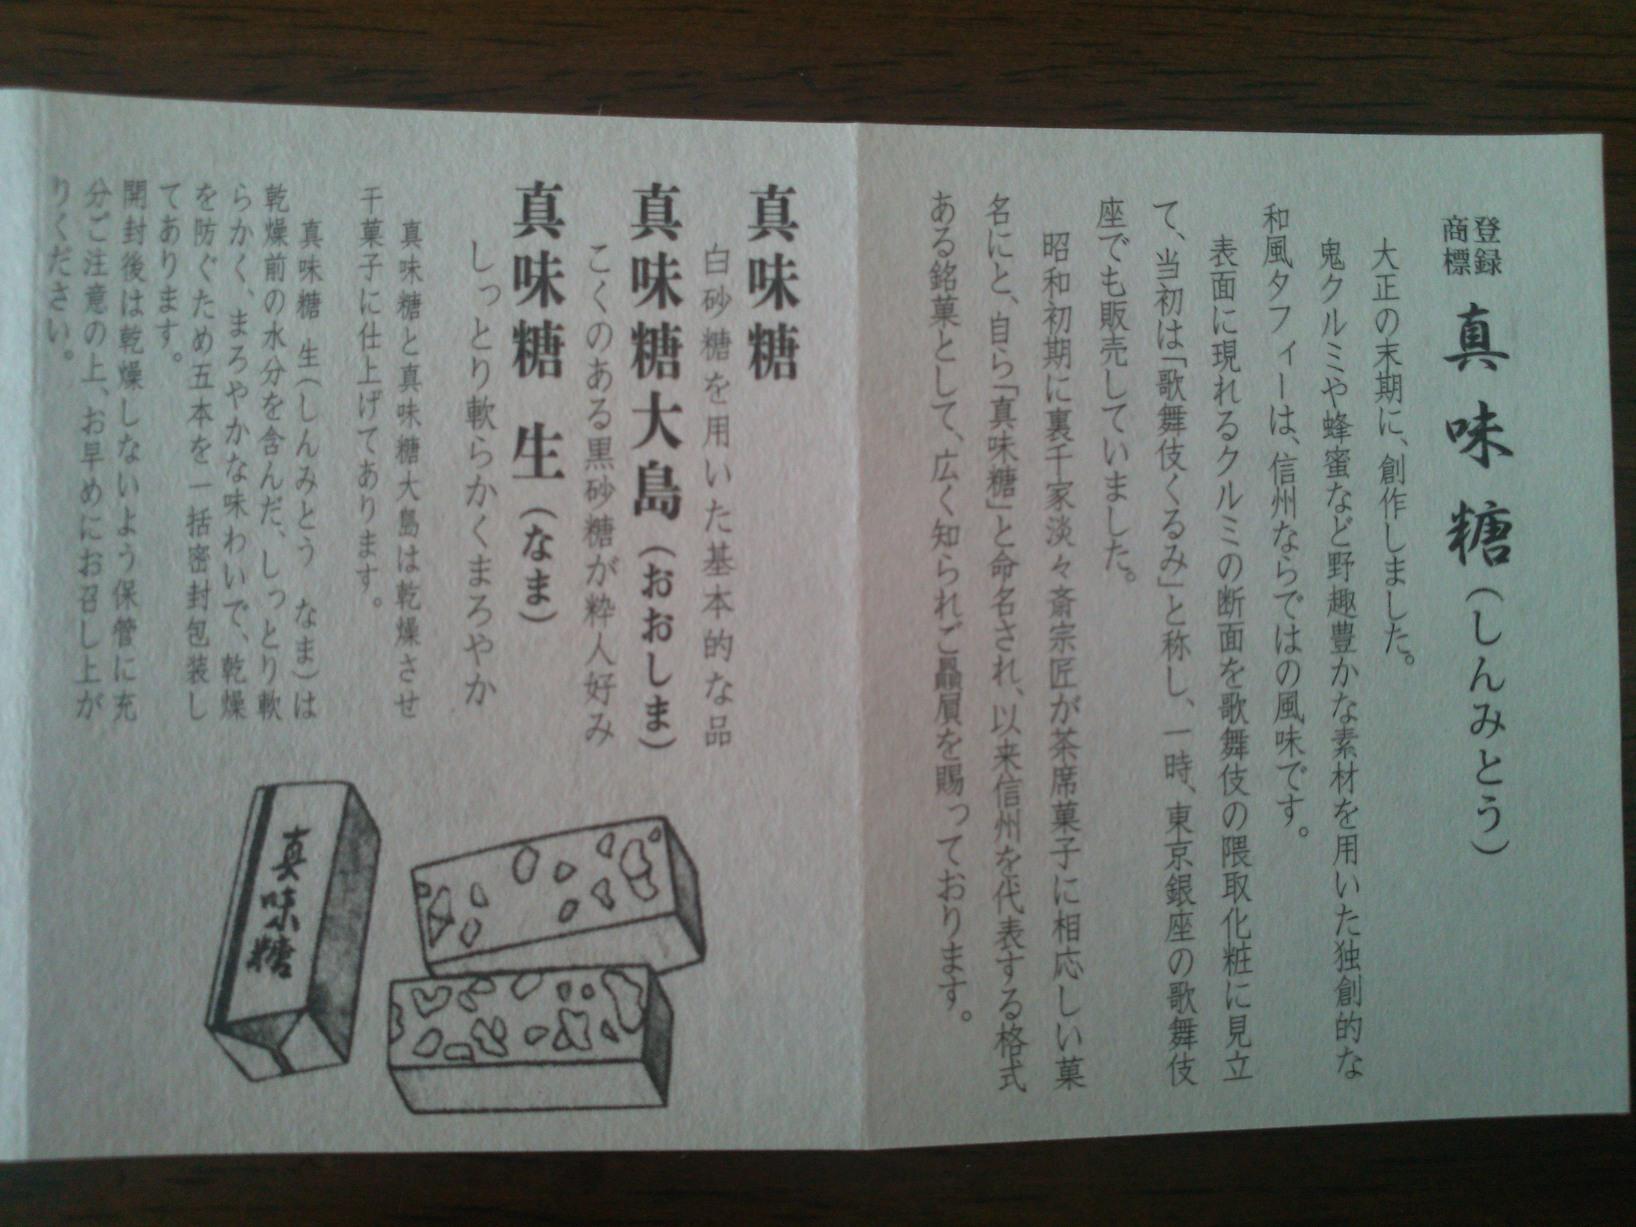 開運堂 井上百貨店 name=